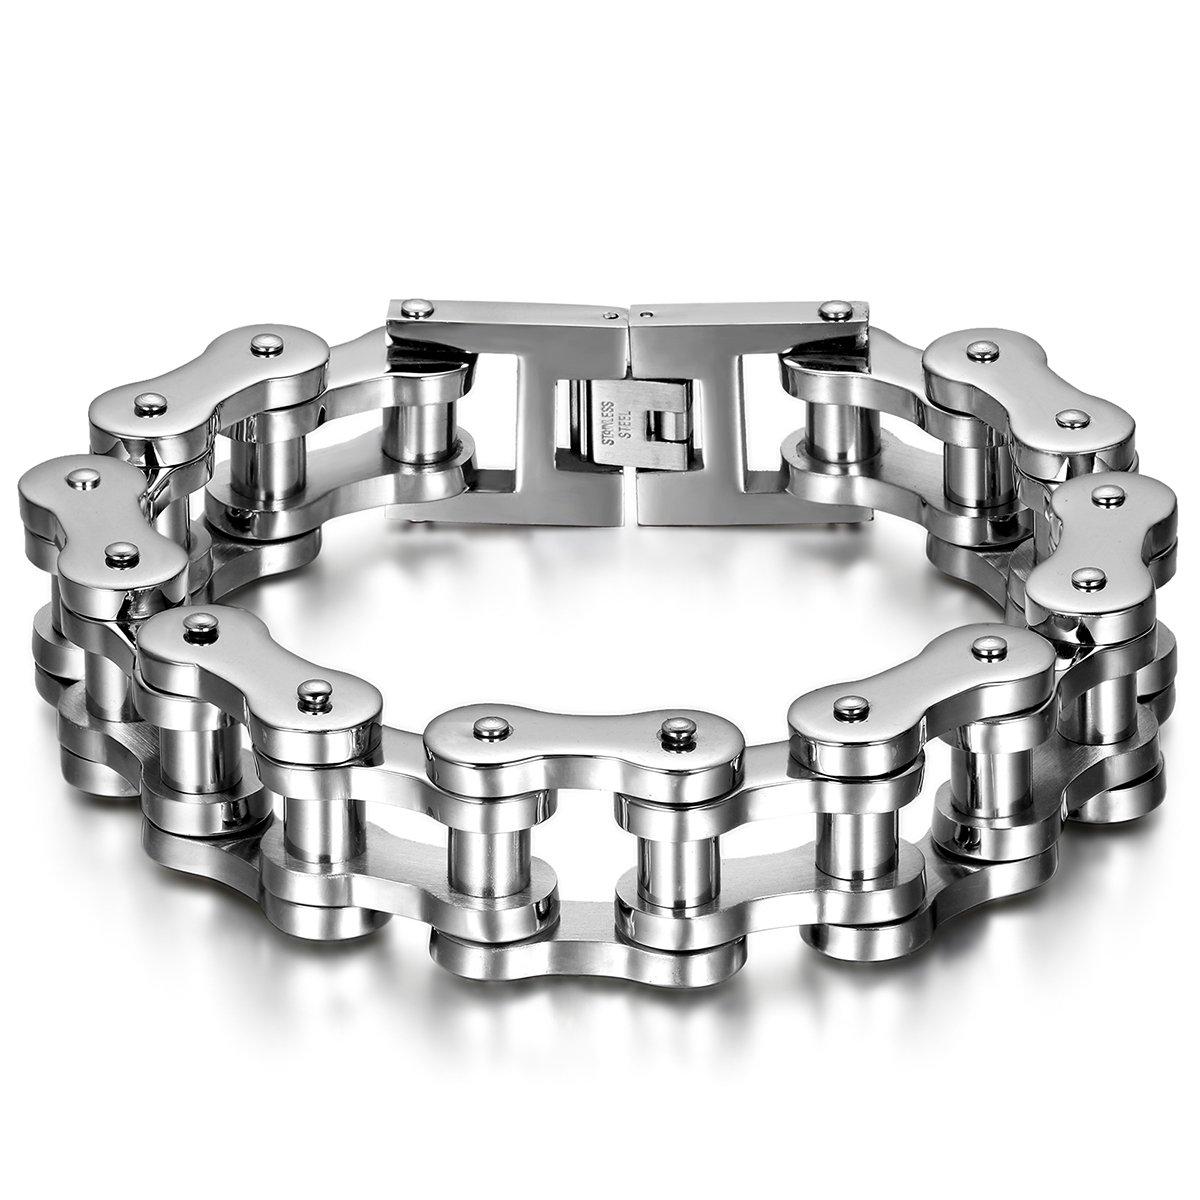 JewelryWe Men Jewelry Bracelet, impressive wide and heavy biker friendship bracelet in black silver tone stainless steel